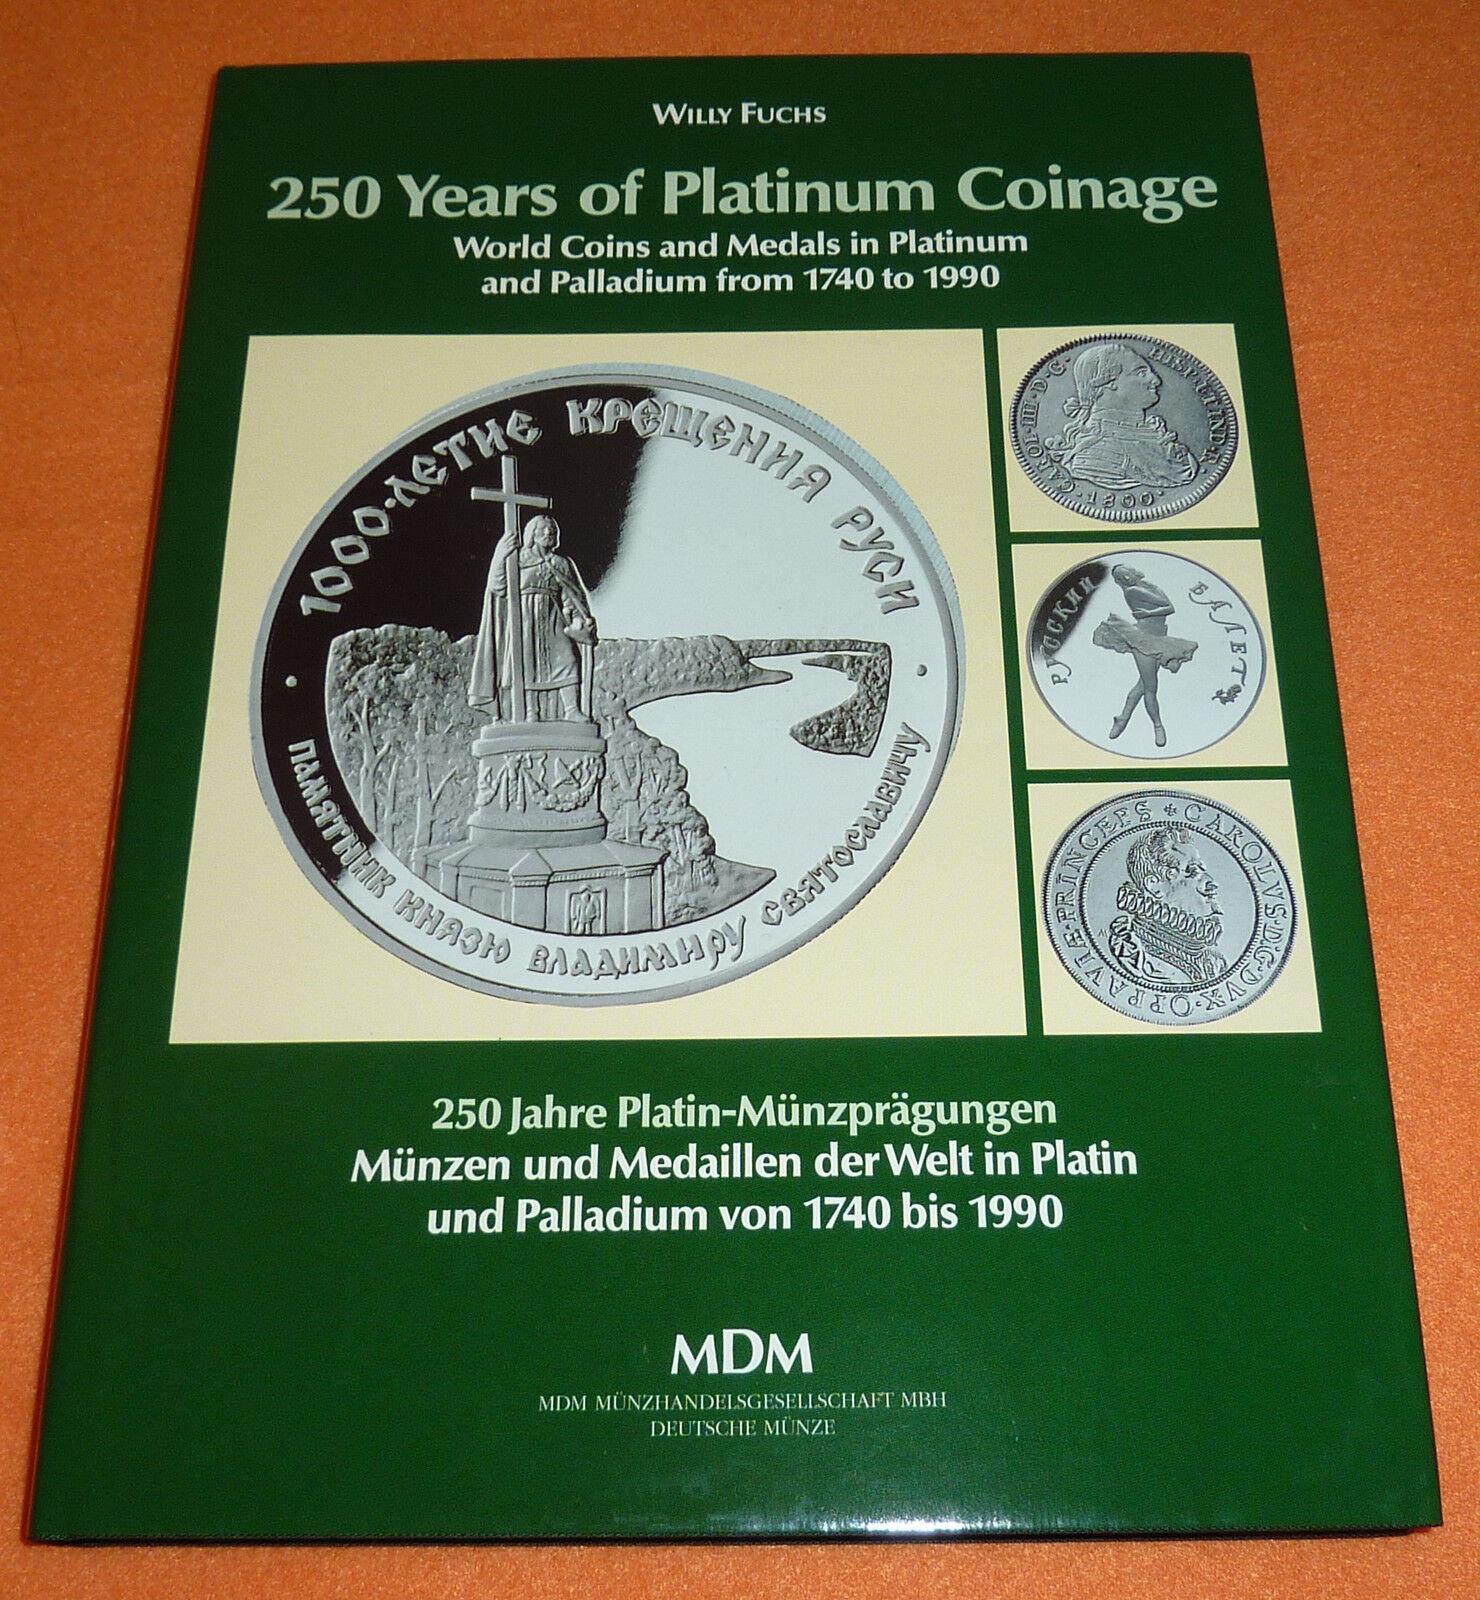 Platin und Palladium Katalog 172 S. Münzen +  Medaillen 1740 - 1990 China etc.